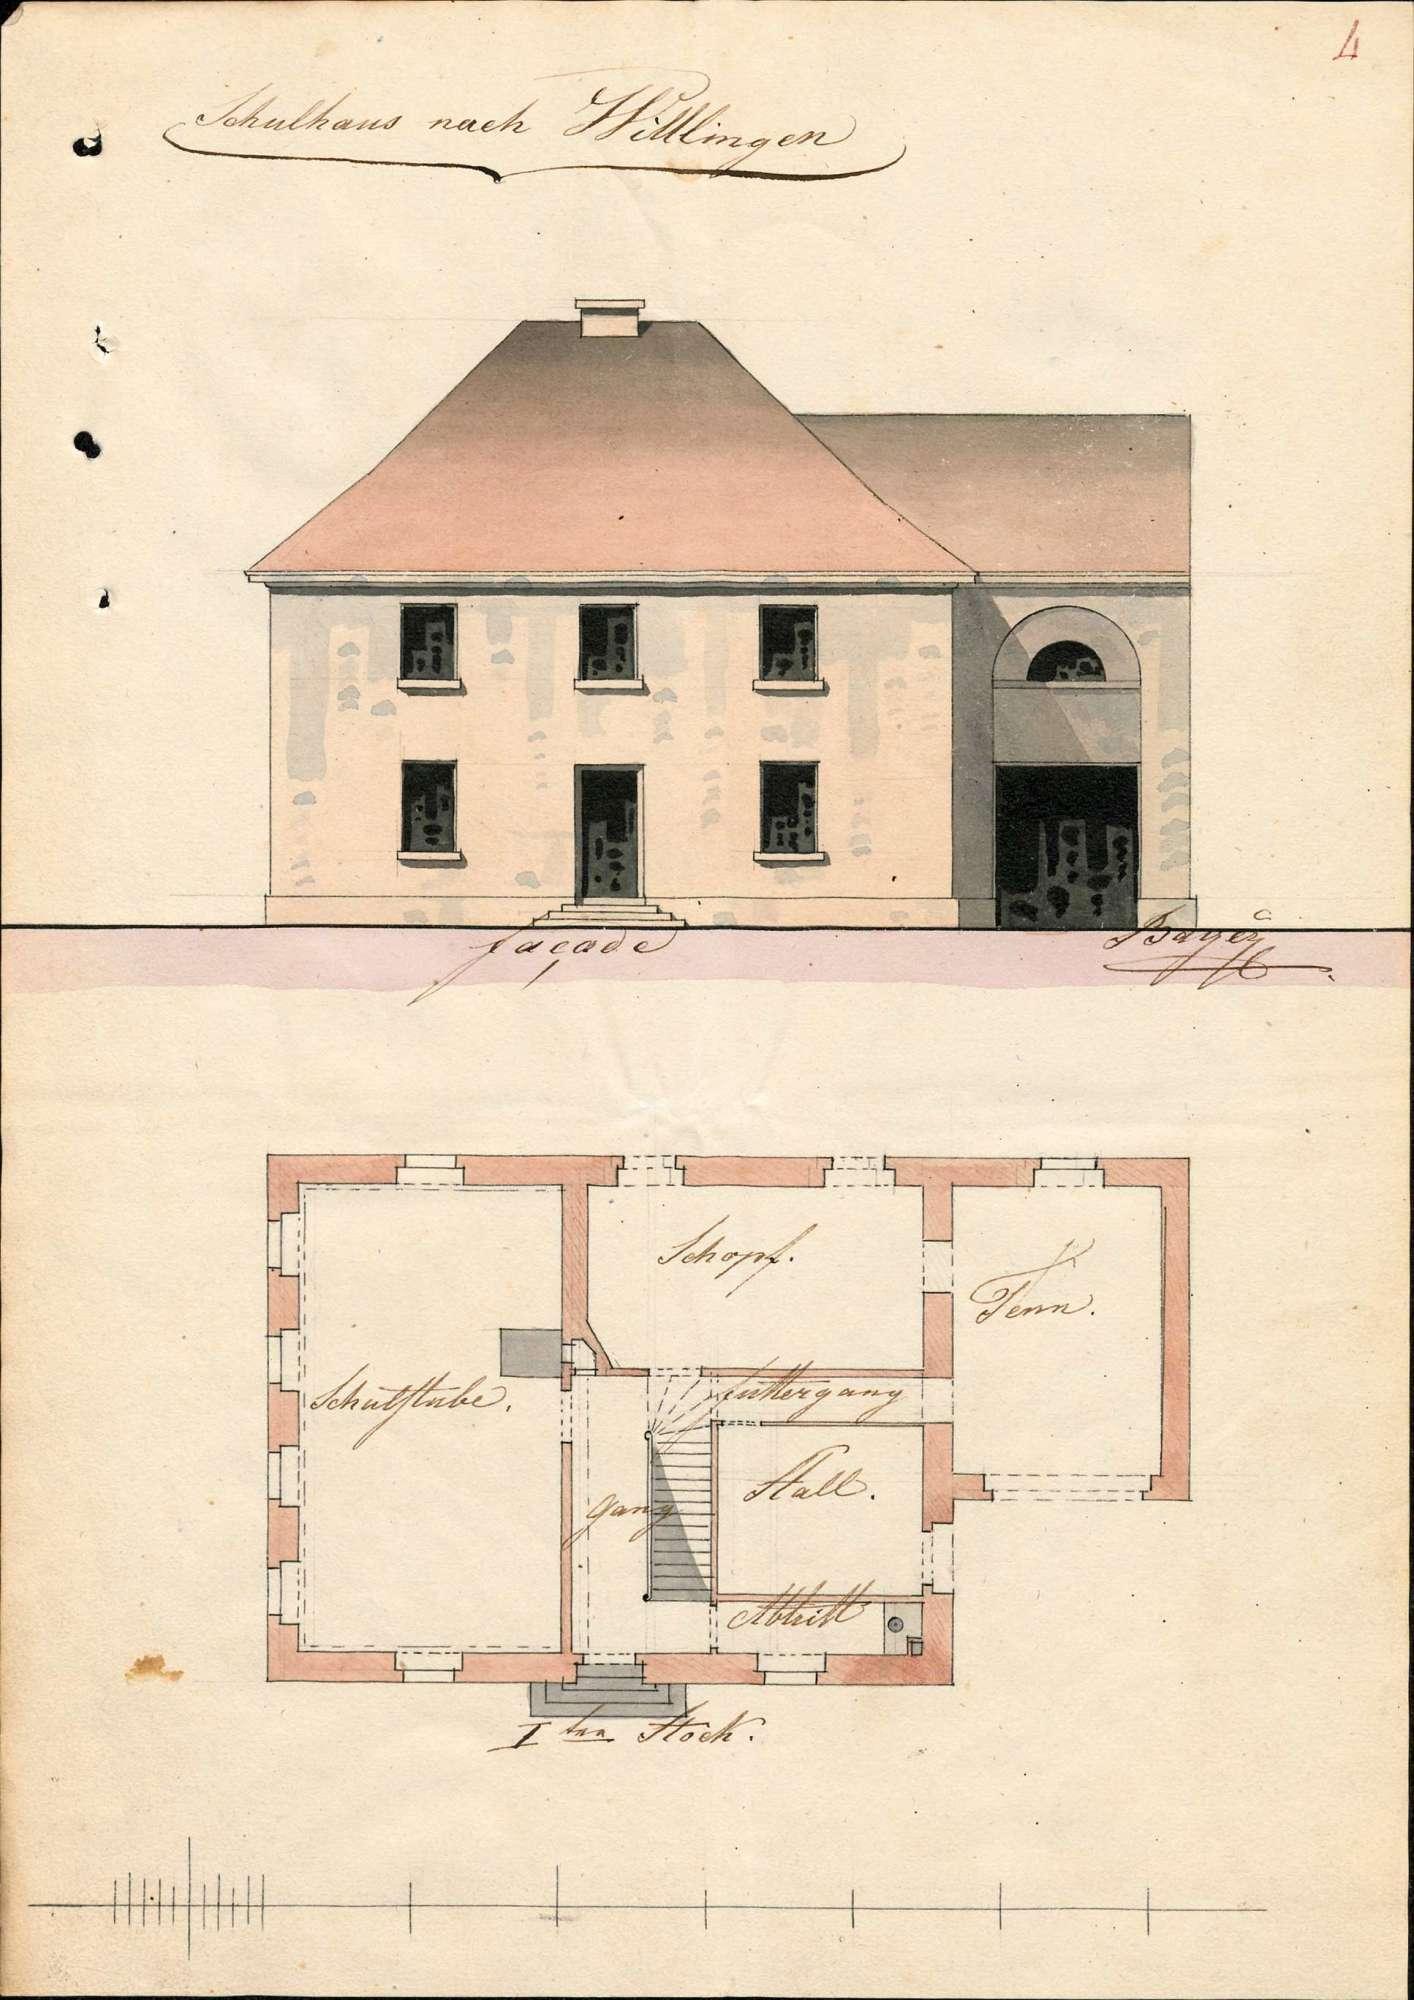 Erbauung eines neuen Schulhauses in Wittlingen und dessen Unterhaltung, Bild 1